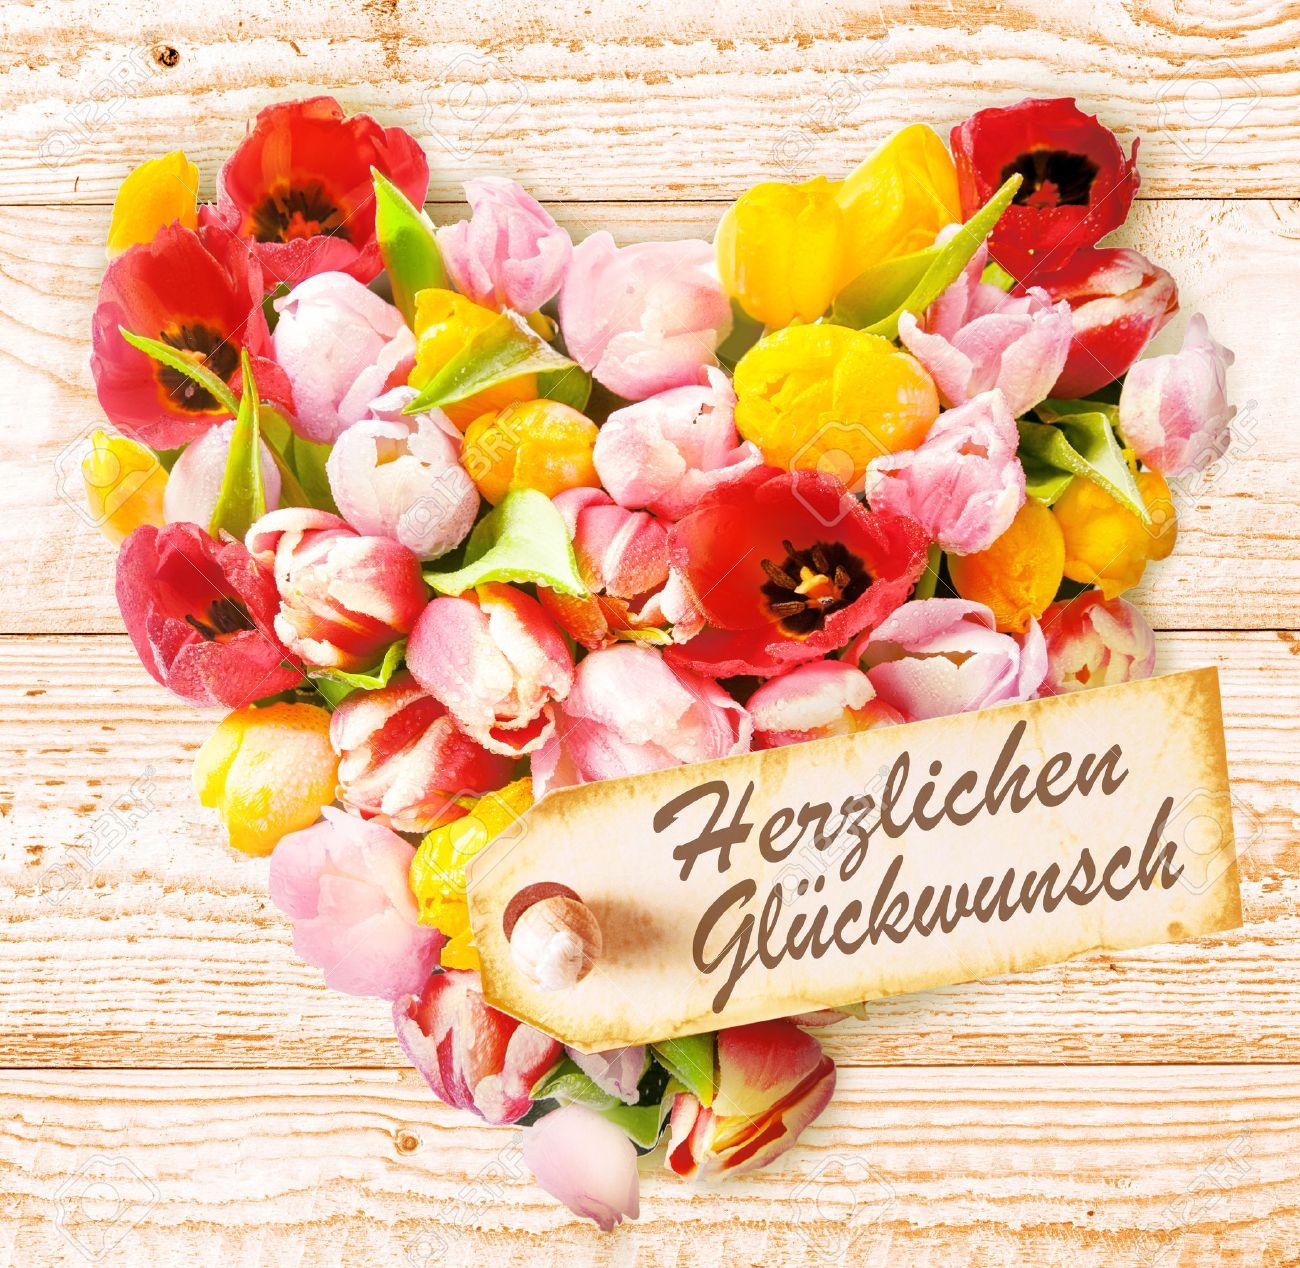 Deutsch geburtstagswünsche 122 GEBURTSTAGSWÜNSCHE